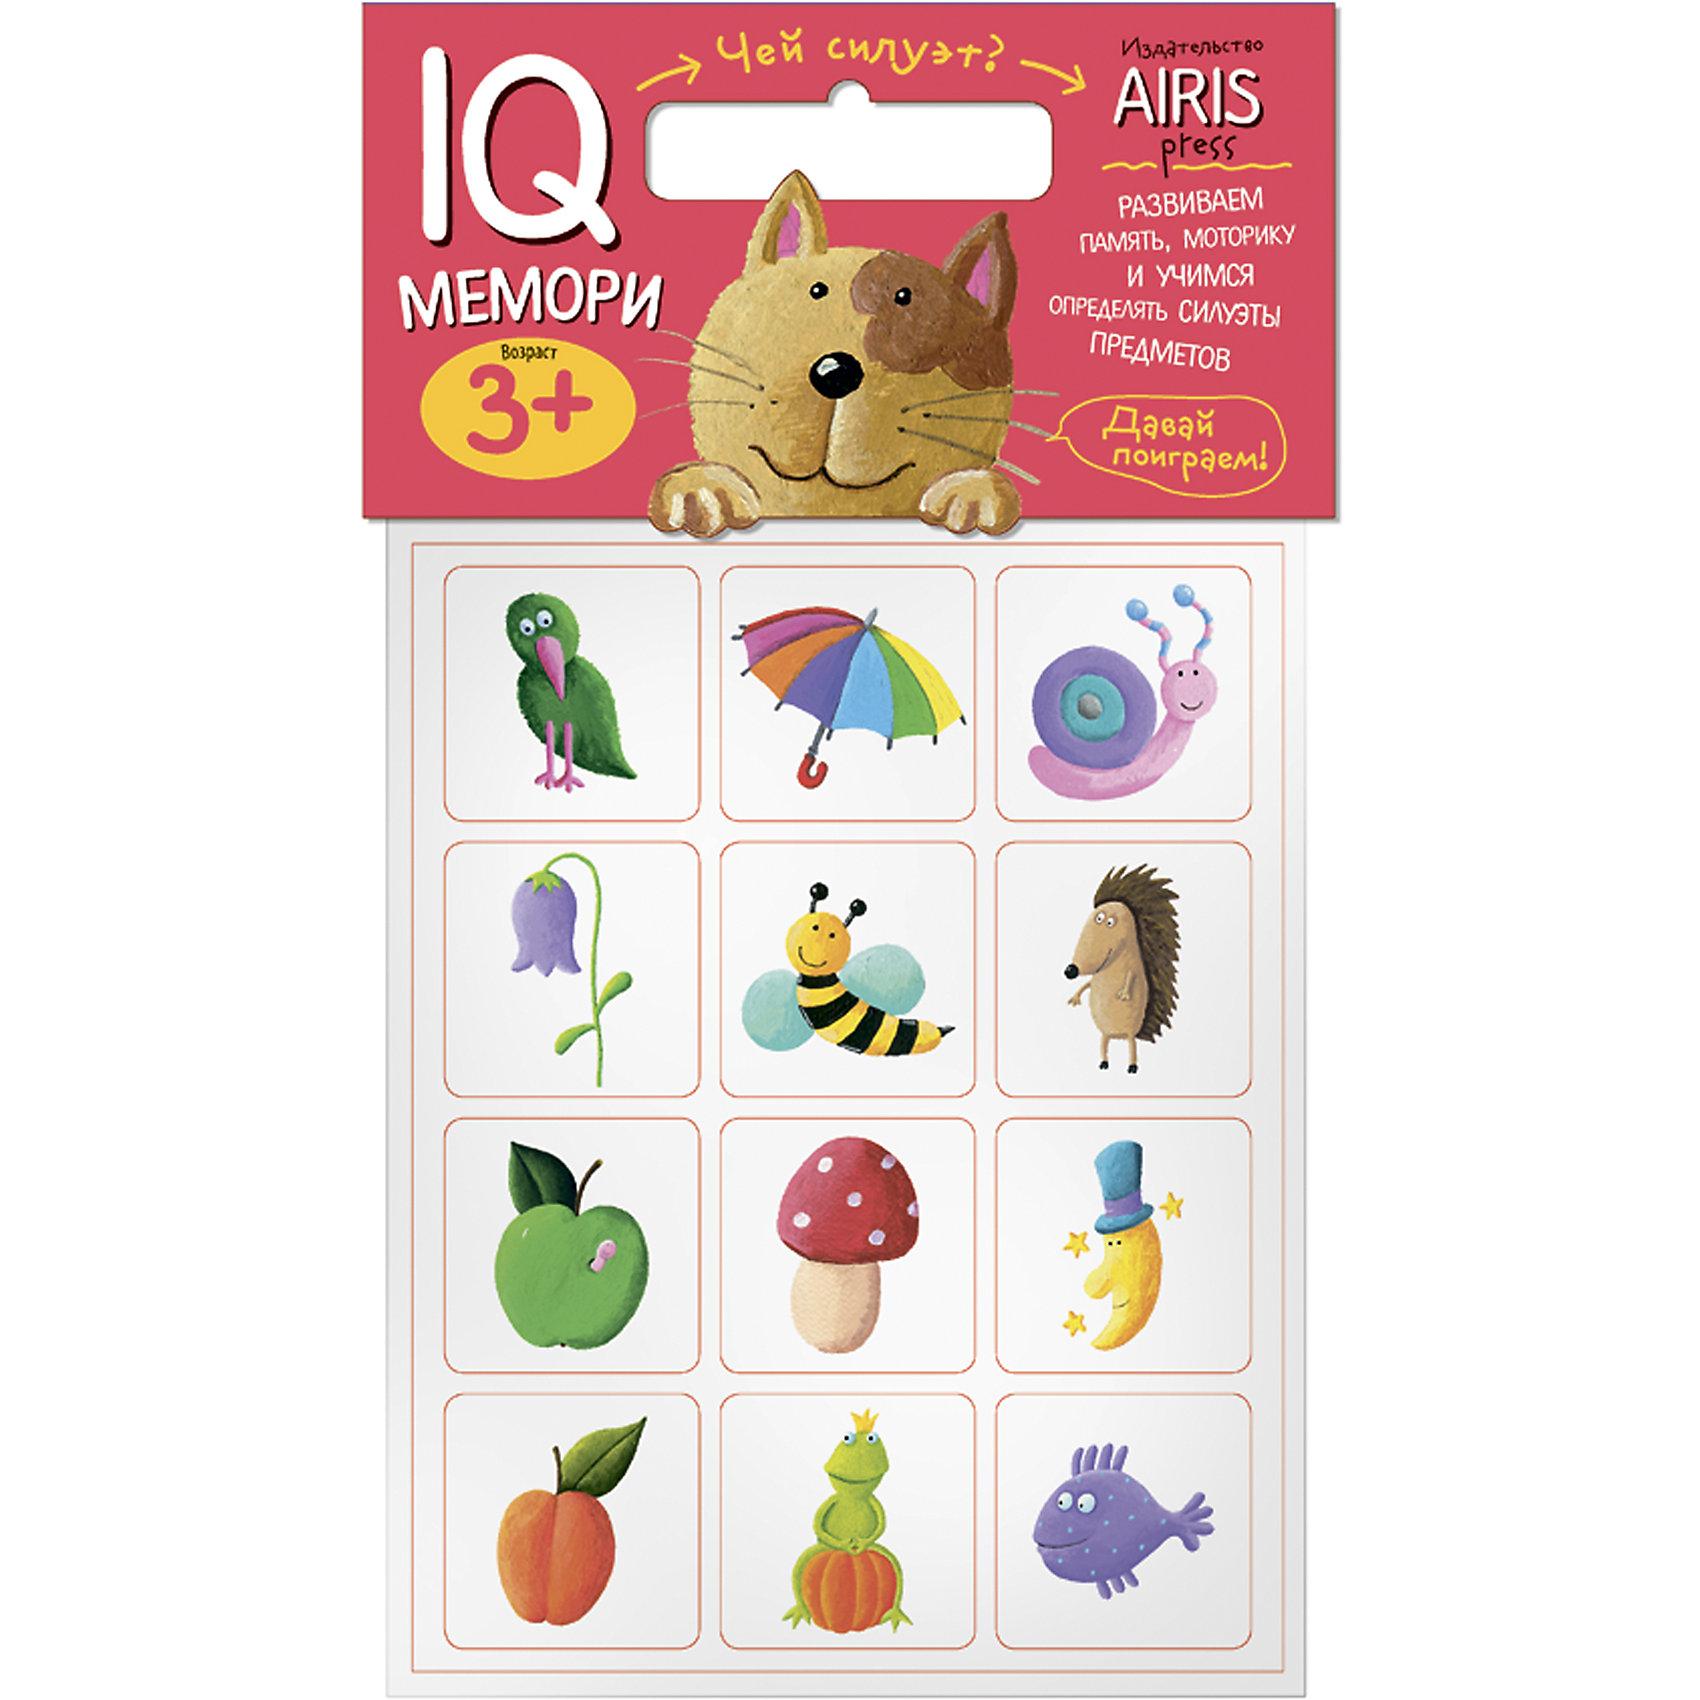 Мемори Чей силуэт?Игры мемо<br>Характеристики товара:<br><br>• возраст: от 3 лет<br>• комплектация: 24 объёмных карточек с цветными рисунками<br>• автор: Куликова Е.Н.<br>• производитель: Айрис-пресс<br>• серия: IQ игры<br>• материал: EVA<br>• размер карточки: 5х5 см.<br>• упаковка: пакет с хедером<br>• размер упаковки: 22,5х17,5х2 см.<br>• вес: 66 гр.<br><br>Мемори «Чей силуэт?» – это увлекательная настольная игра для развития способности ребёнка узнавать силуэты предметов, тренировки его памяти и моторики.<br><br>Набор состоит из 24 объёмных карточек с цветными рисунками. Карточки изготовлены из мягкого, прочного и безопасного материала EVA. Они удобно ложатся в детскую ручку и отлично подходят для познавательных игр.<br><br>Цель игры  — собрать как можно больше парных карточек по принципу «предмет и его силуэт». В игре принимают участие несколько человек. Победителем становится тот, кто  собрал больше парных карточек.<br><br>На упаковке набора даётся описание, как играть с мягкими карточками.<br><br>Игру Мемори Чей силуэт? можно купить в нашем интернет-магазине.<br><br>Ширина мм: 20<br>Глубина мм: 175<br>Высота мм: 225<br>Вес г: 66<br>Возраст от месяцев: 36<br>Возраст до месяцев: 60<br>Пол: Унисекс<br>Возраст: Детский<br>SKU: 6849523